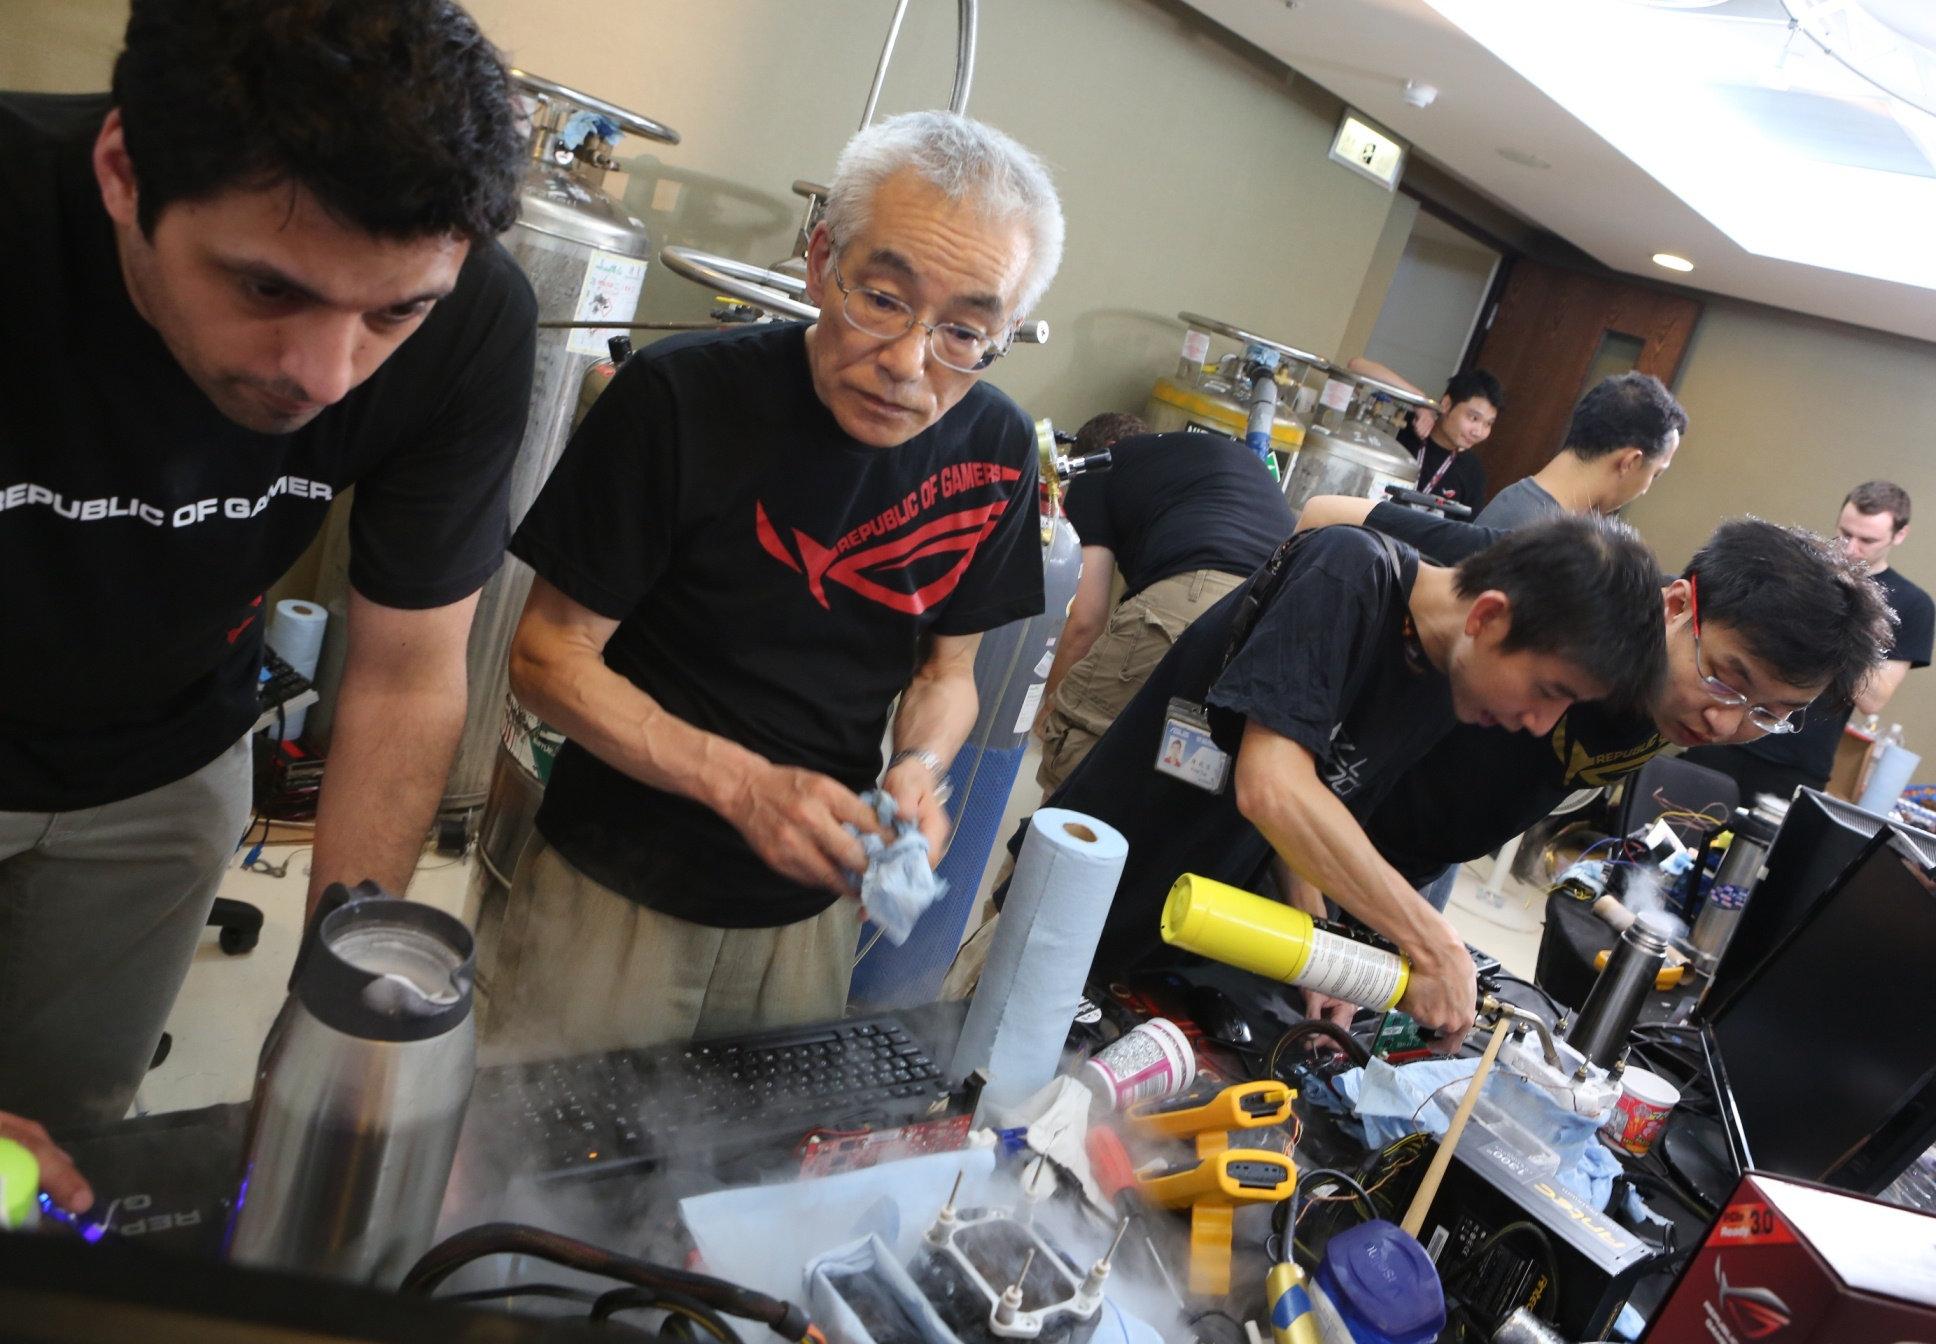 PR-ASUS-Absolute-Zero-Raj-Fredyama-san-Shamino-and-Andre-hard-at-work